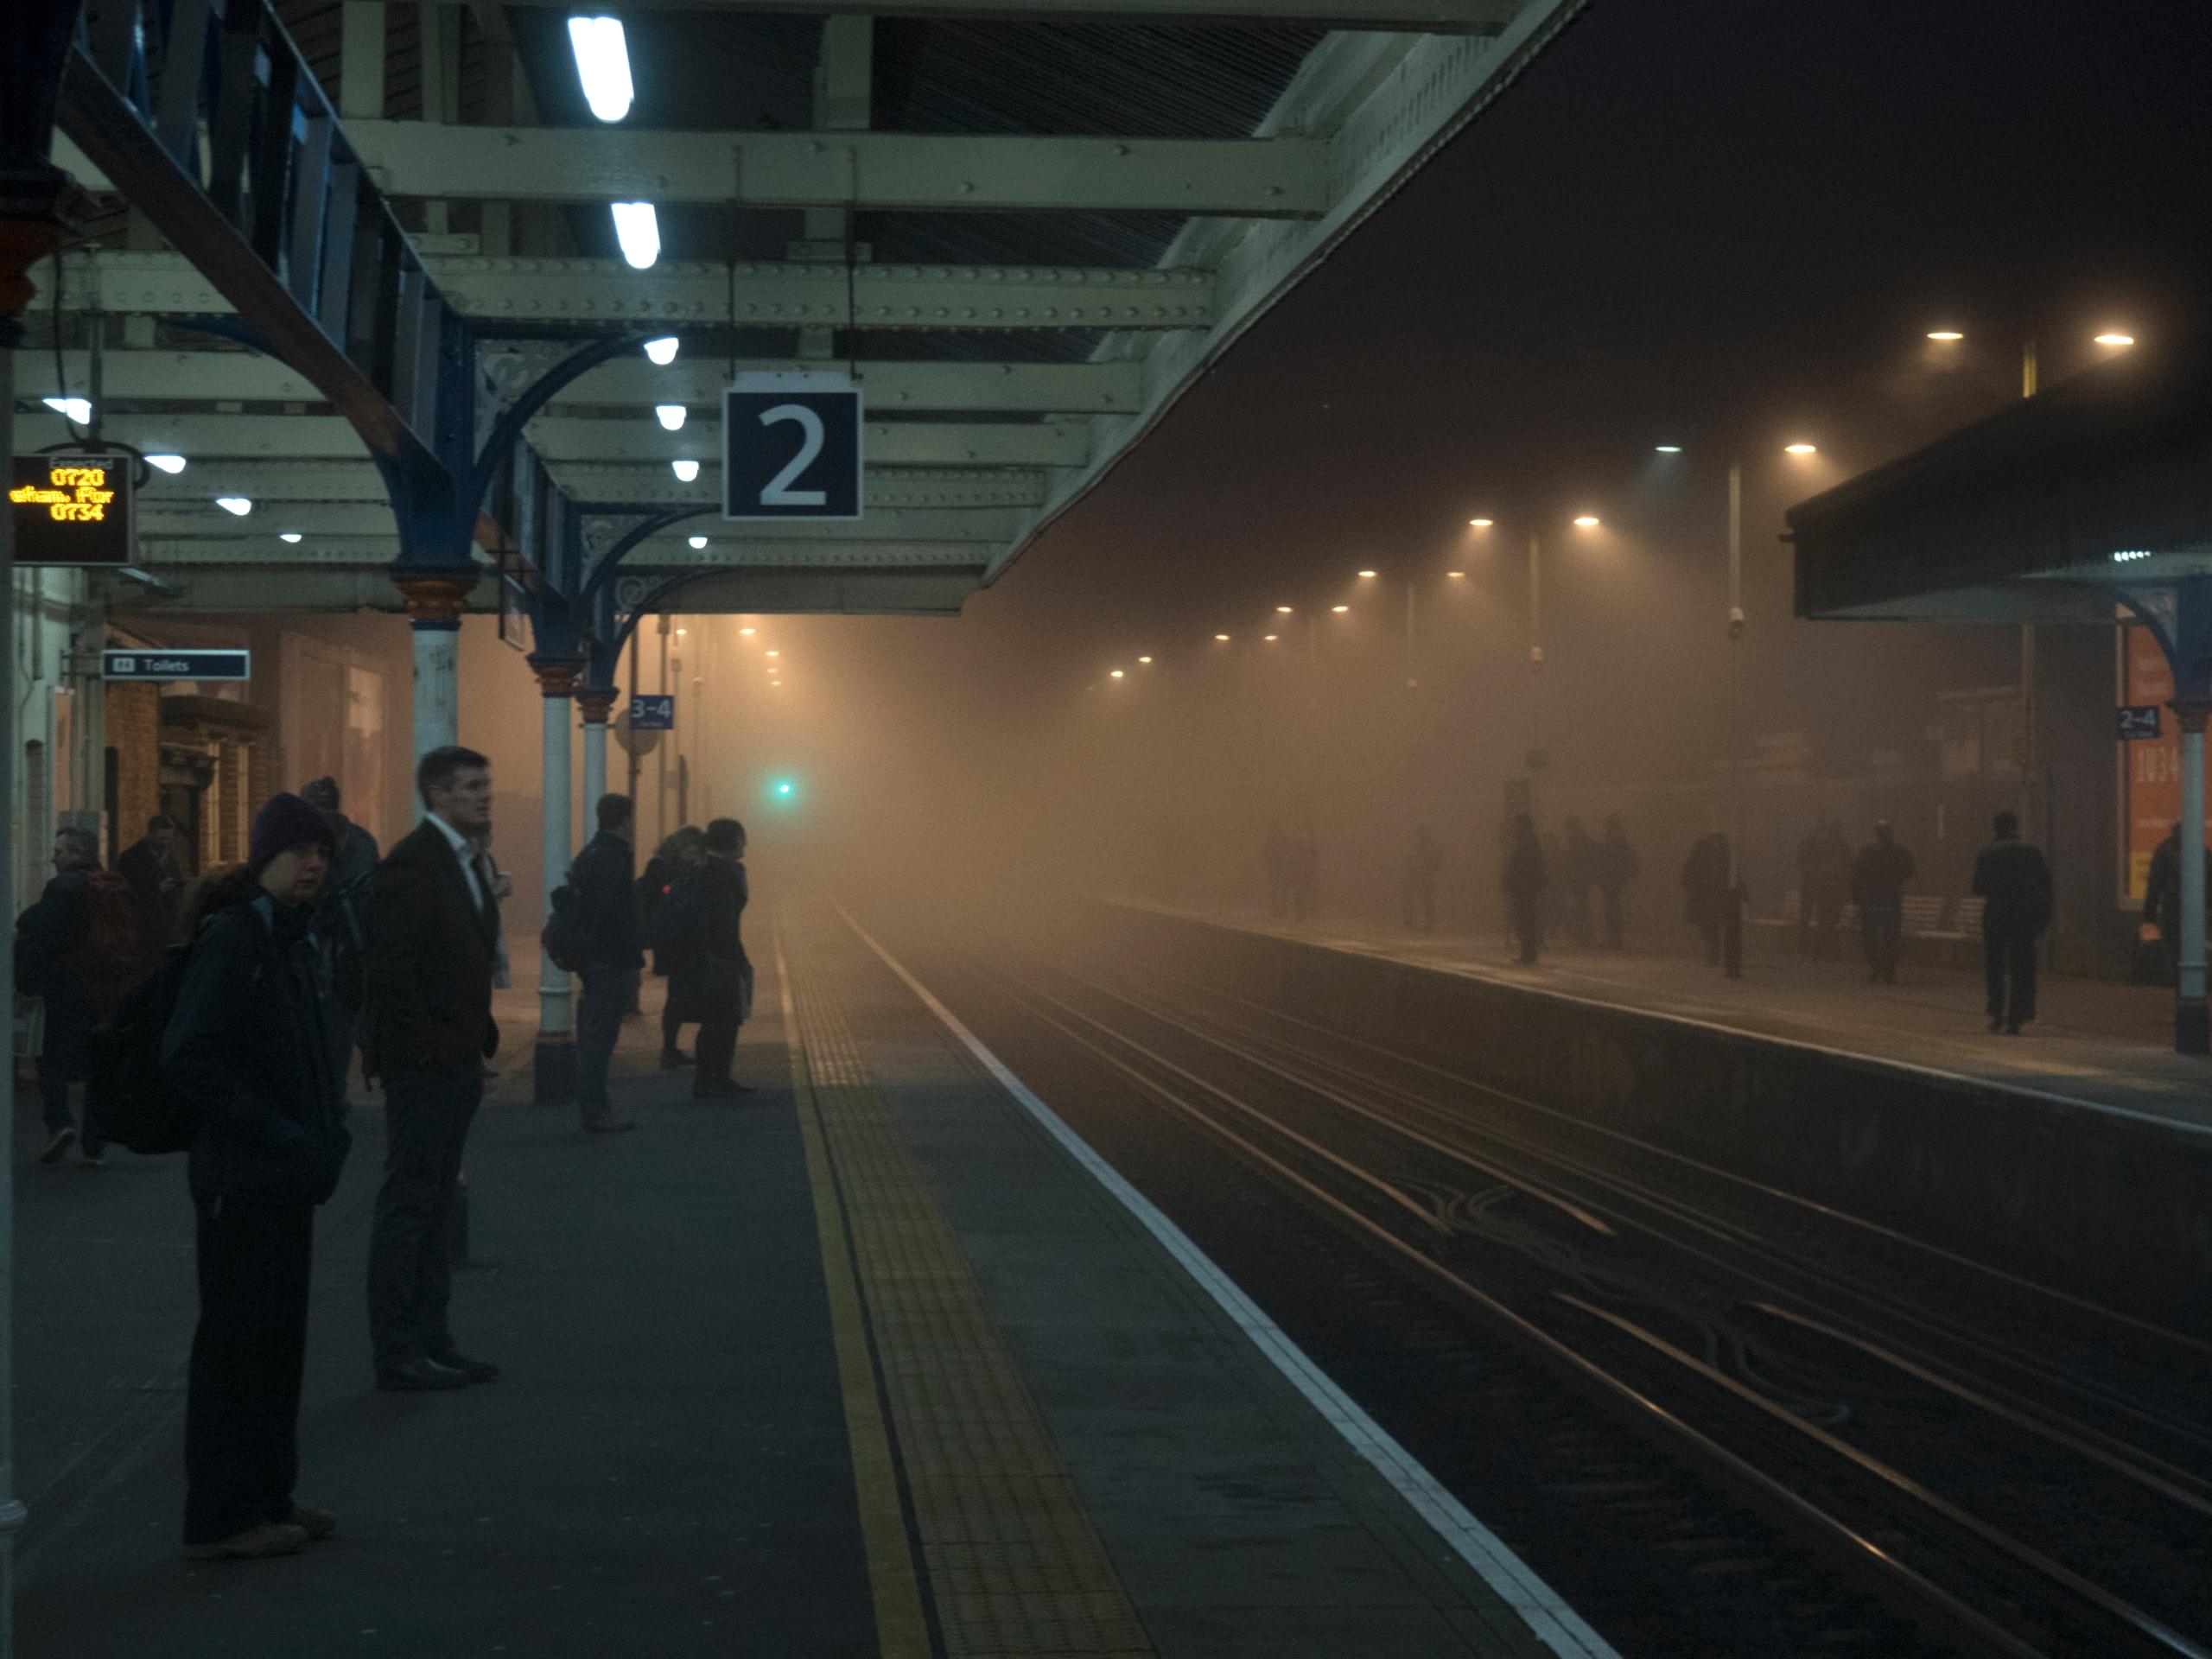 *Foggy Platform* The dense fog  - neilhoward | ello